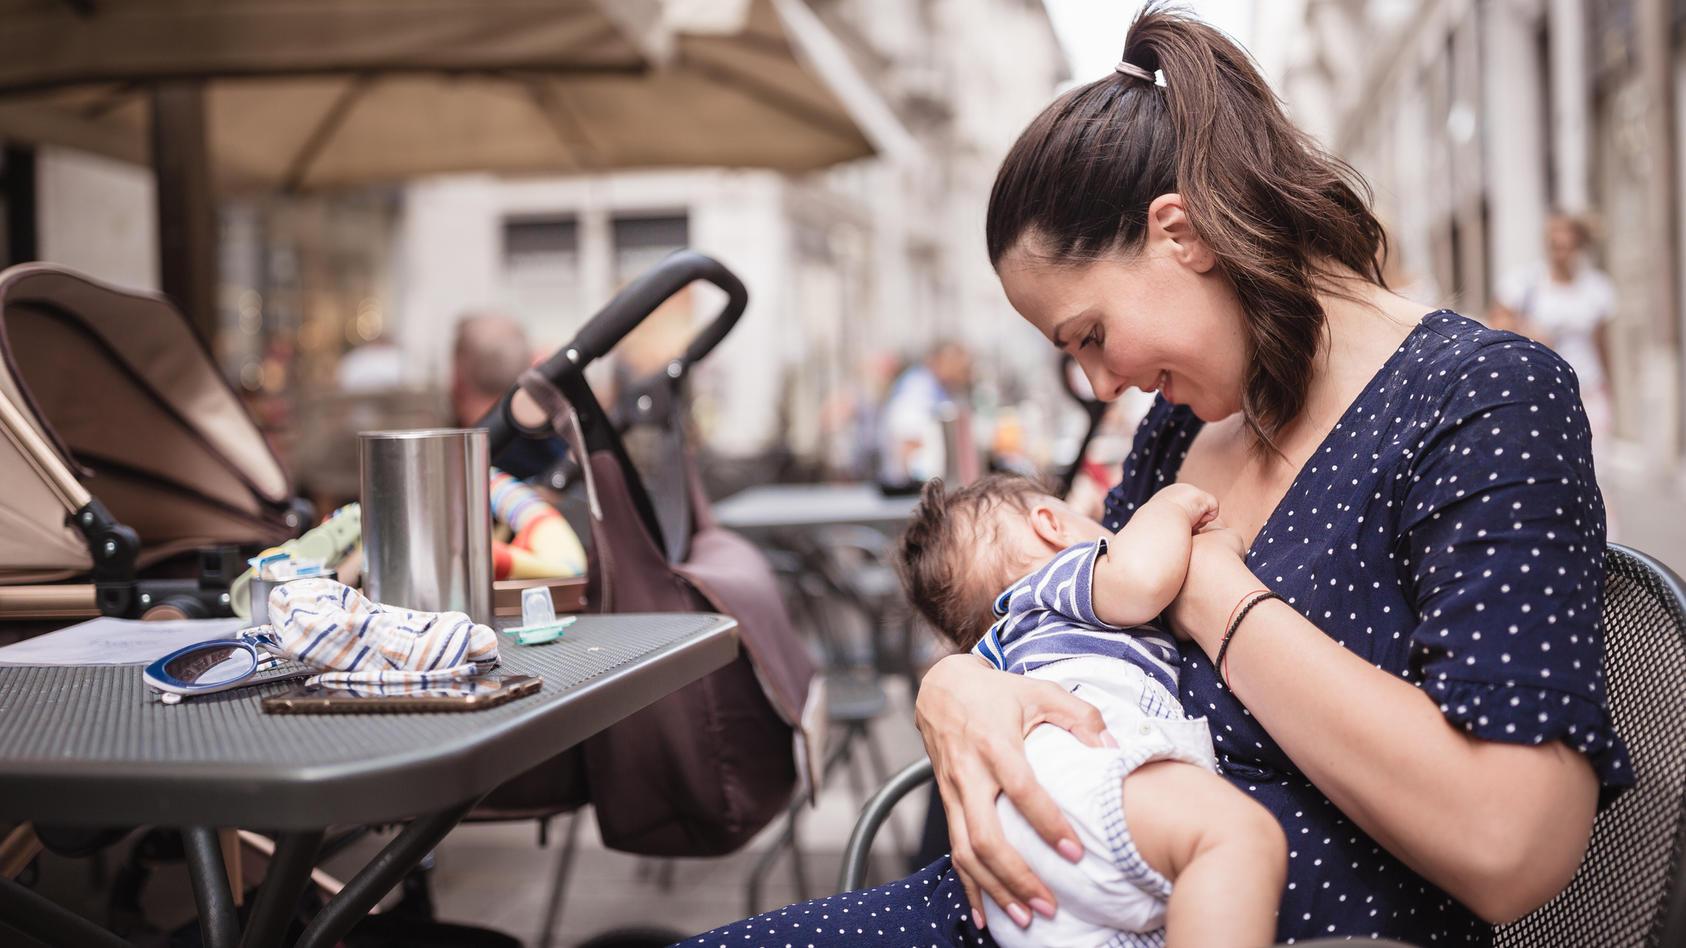 Kann ich mein Baby im italienischen Café problemlos stillen? Ernte ich missgünstige Blicke, wenn ich das Baby am Strand an die Brust lege? Beim Stillen auf Reisen gibt es einiges zu beachten.